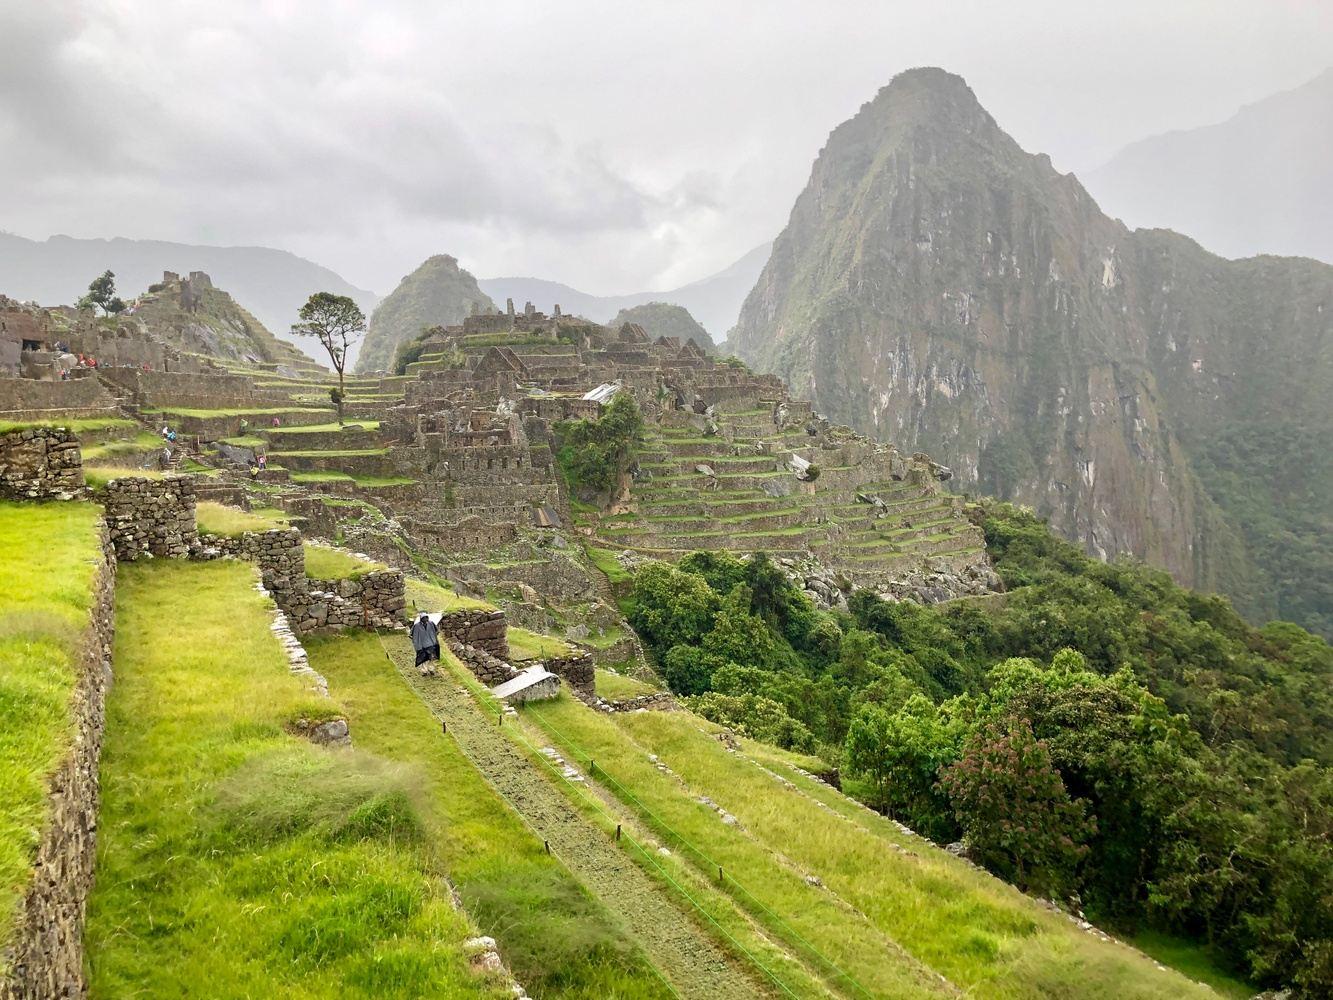 Peru Mountain Medicine & Cultural Tour